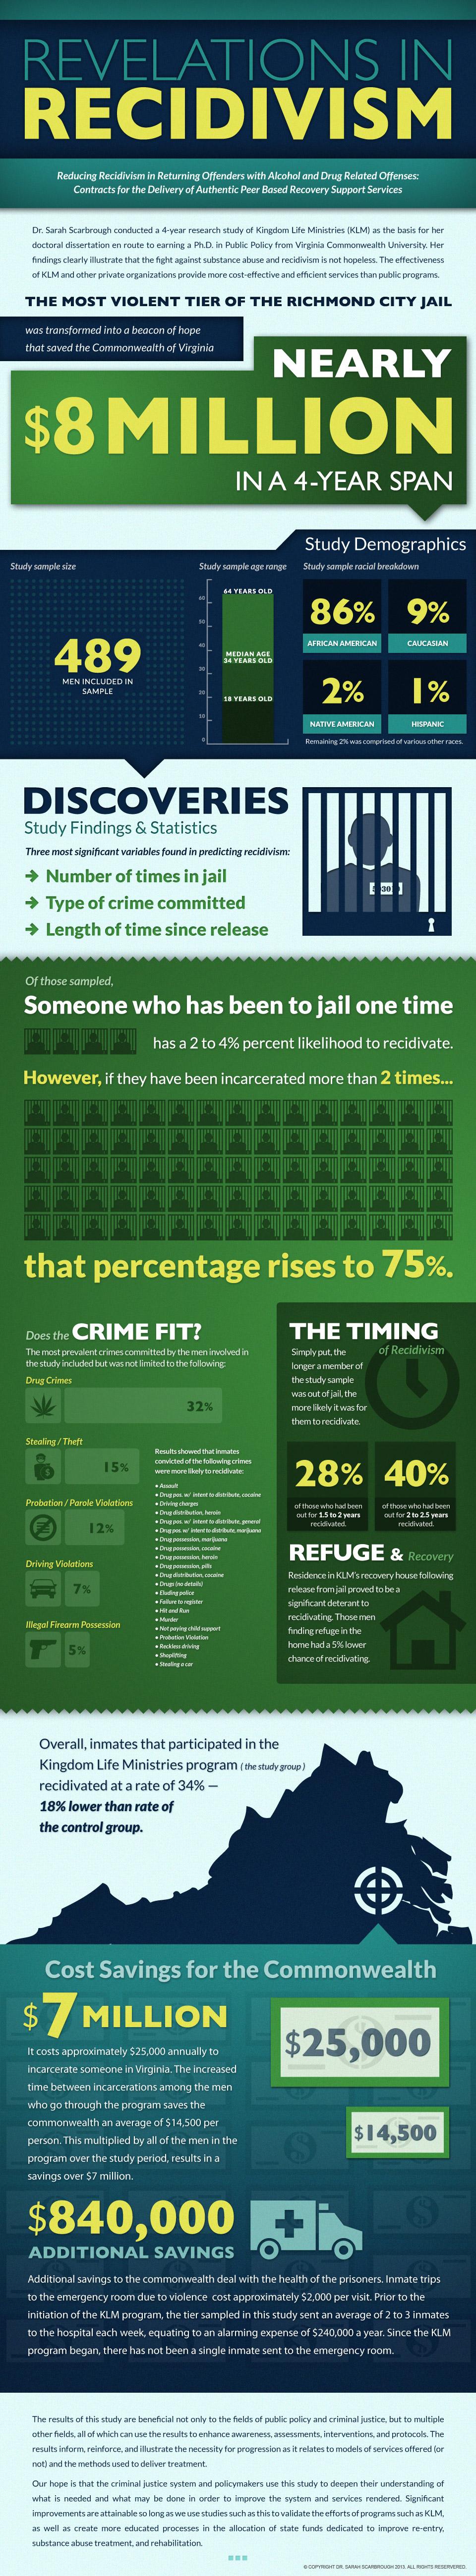 recidivism-infographic